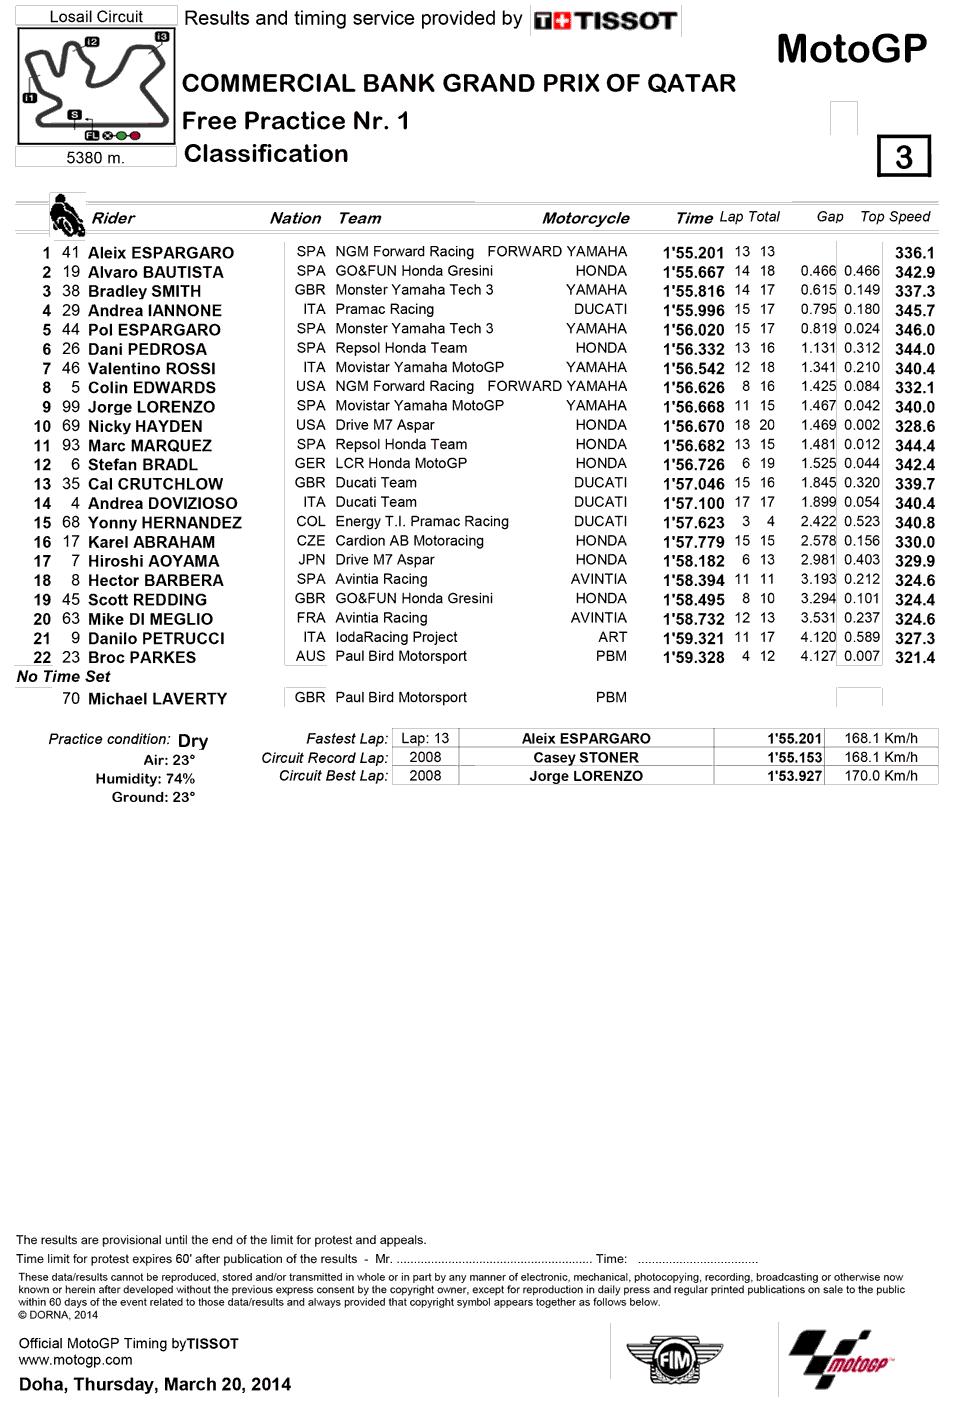 Результаты первой практики MotoGP Гран-При Катара 2014